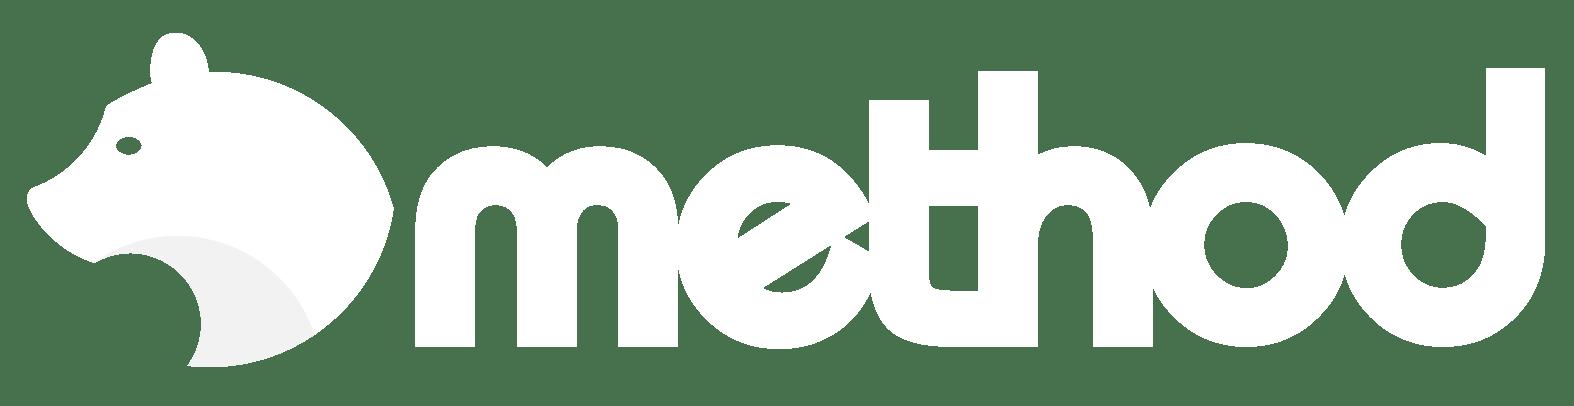 Method_White_Transparent_2